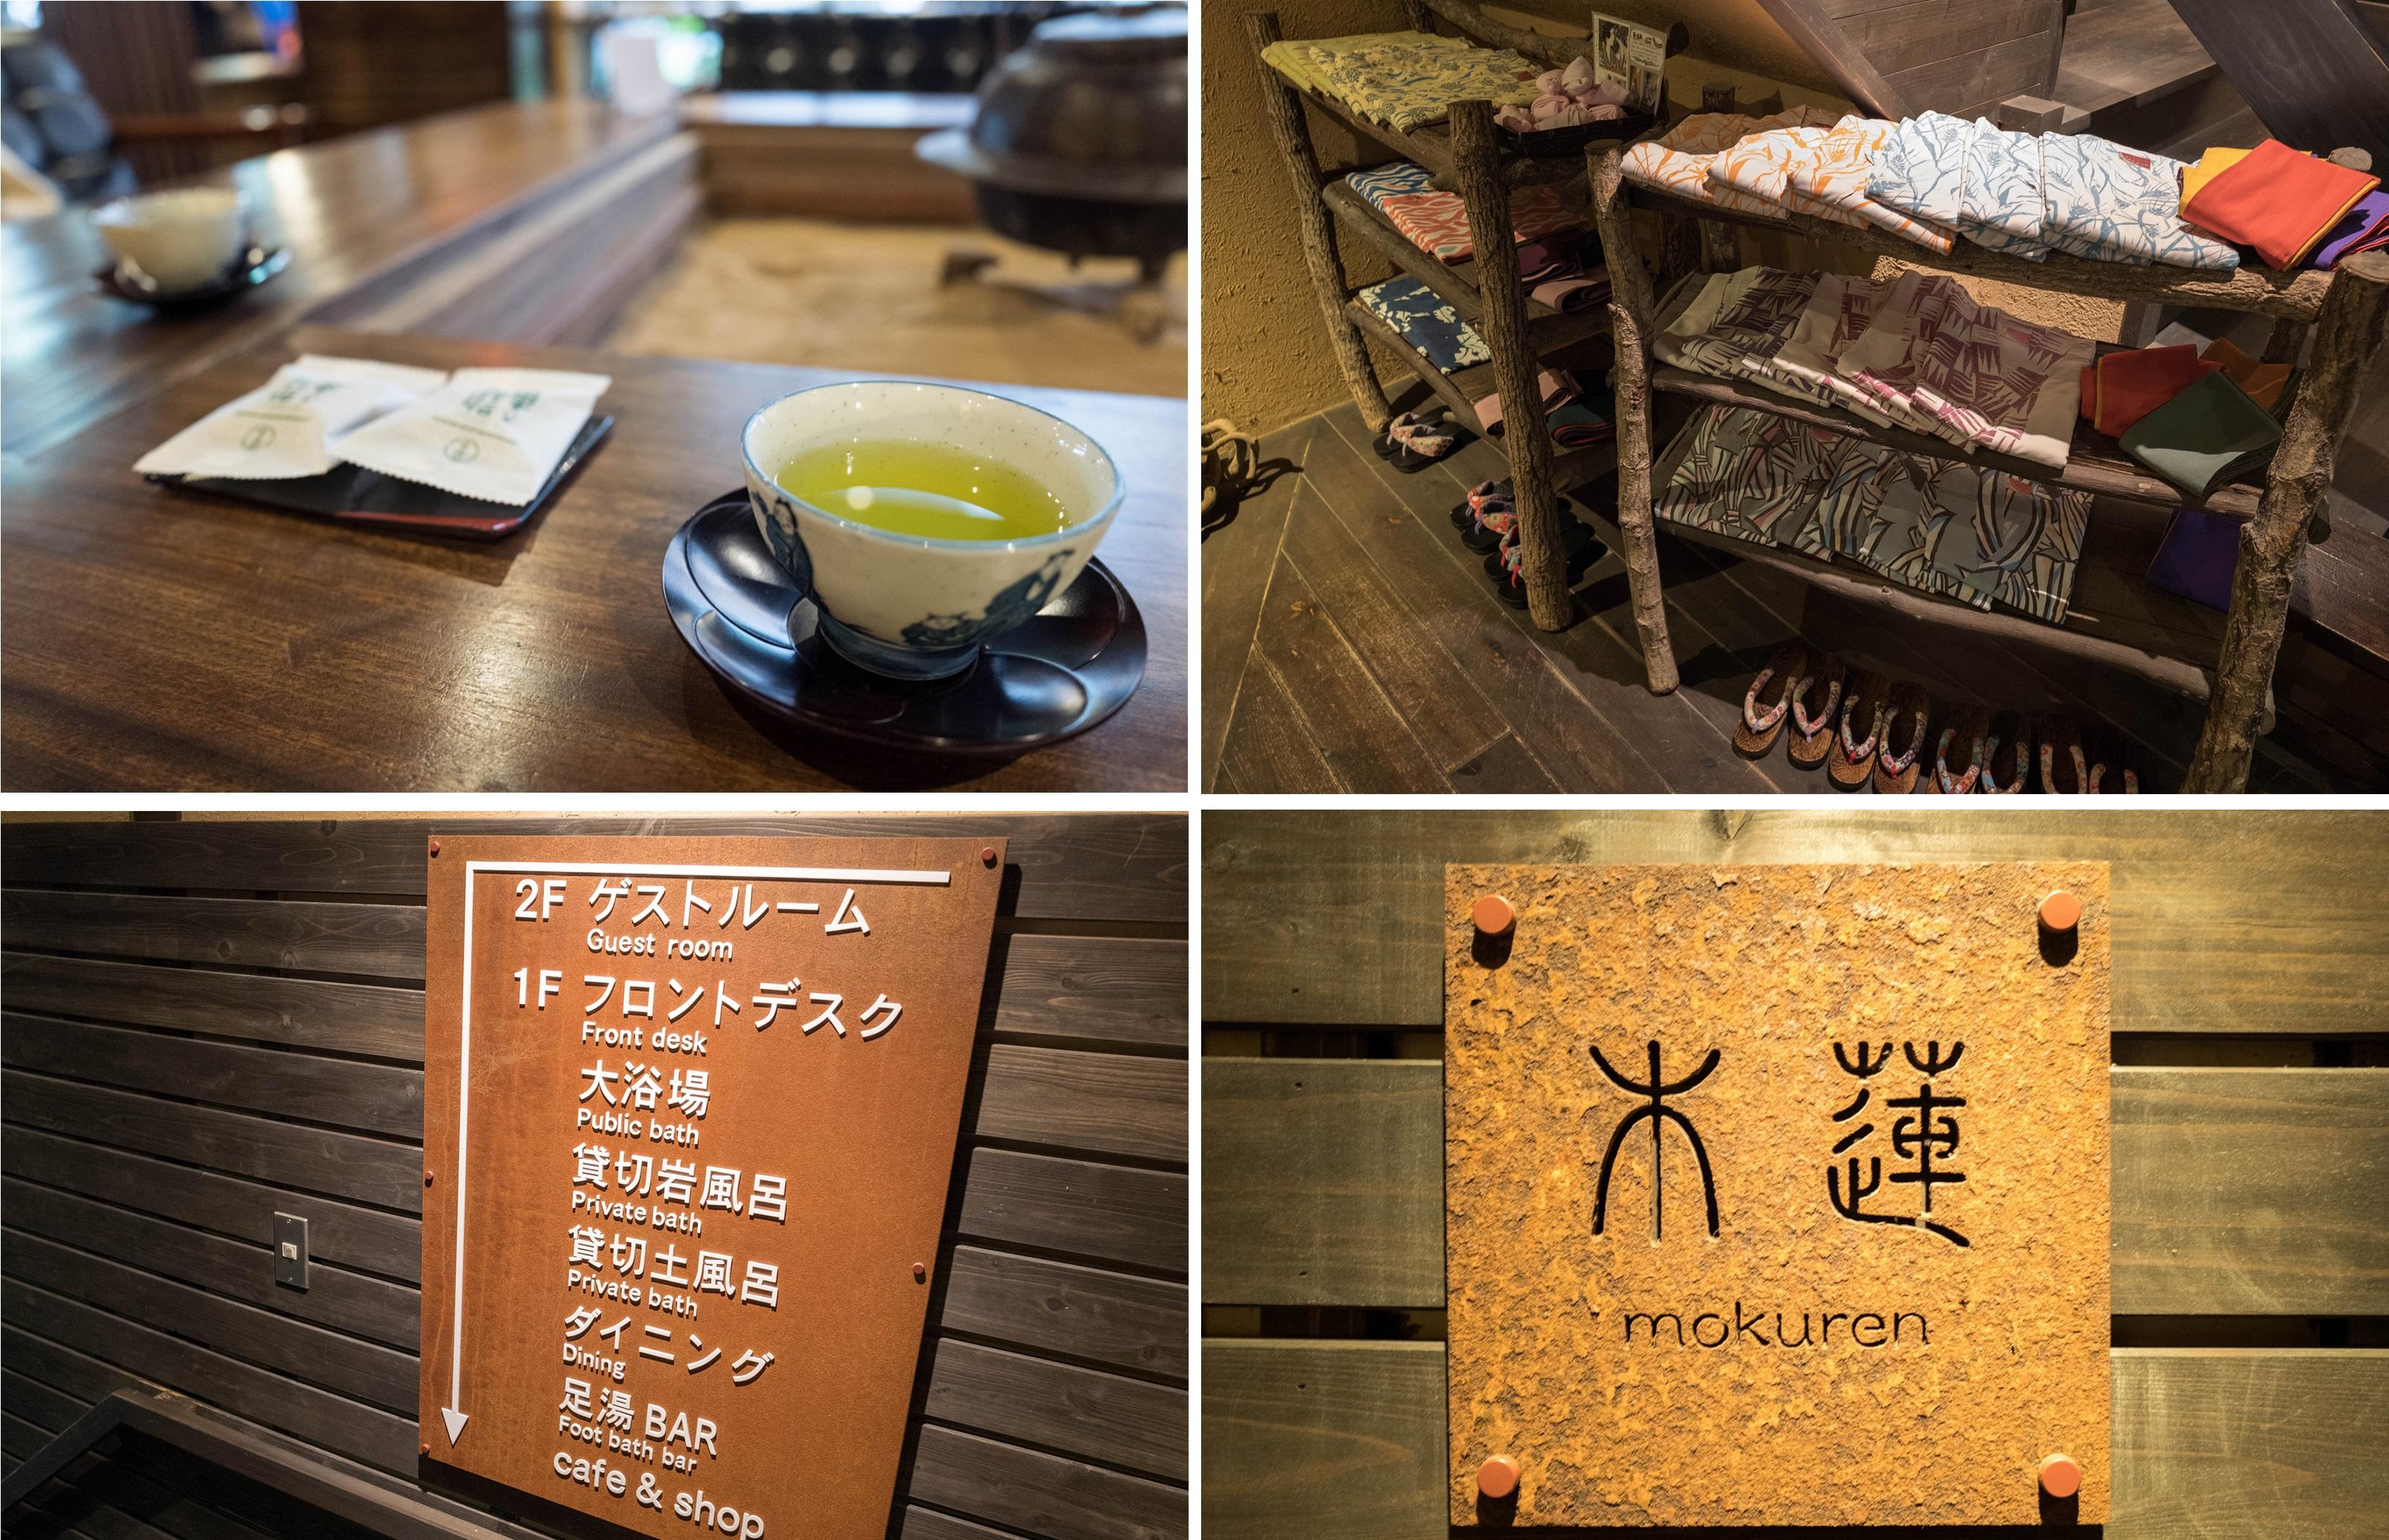 yoshidaya-mokuren-201609-5